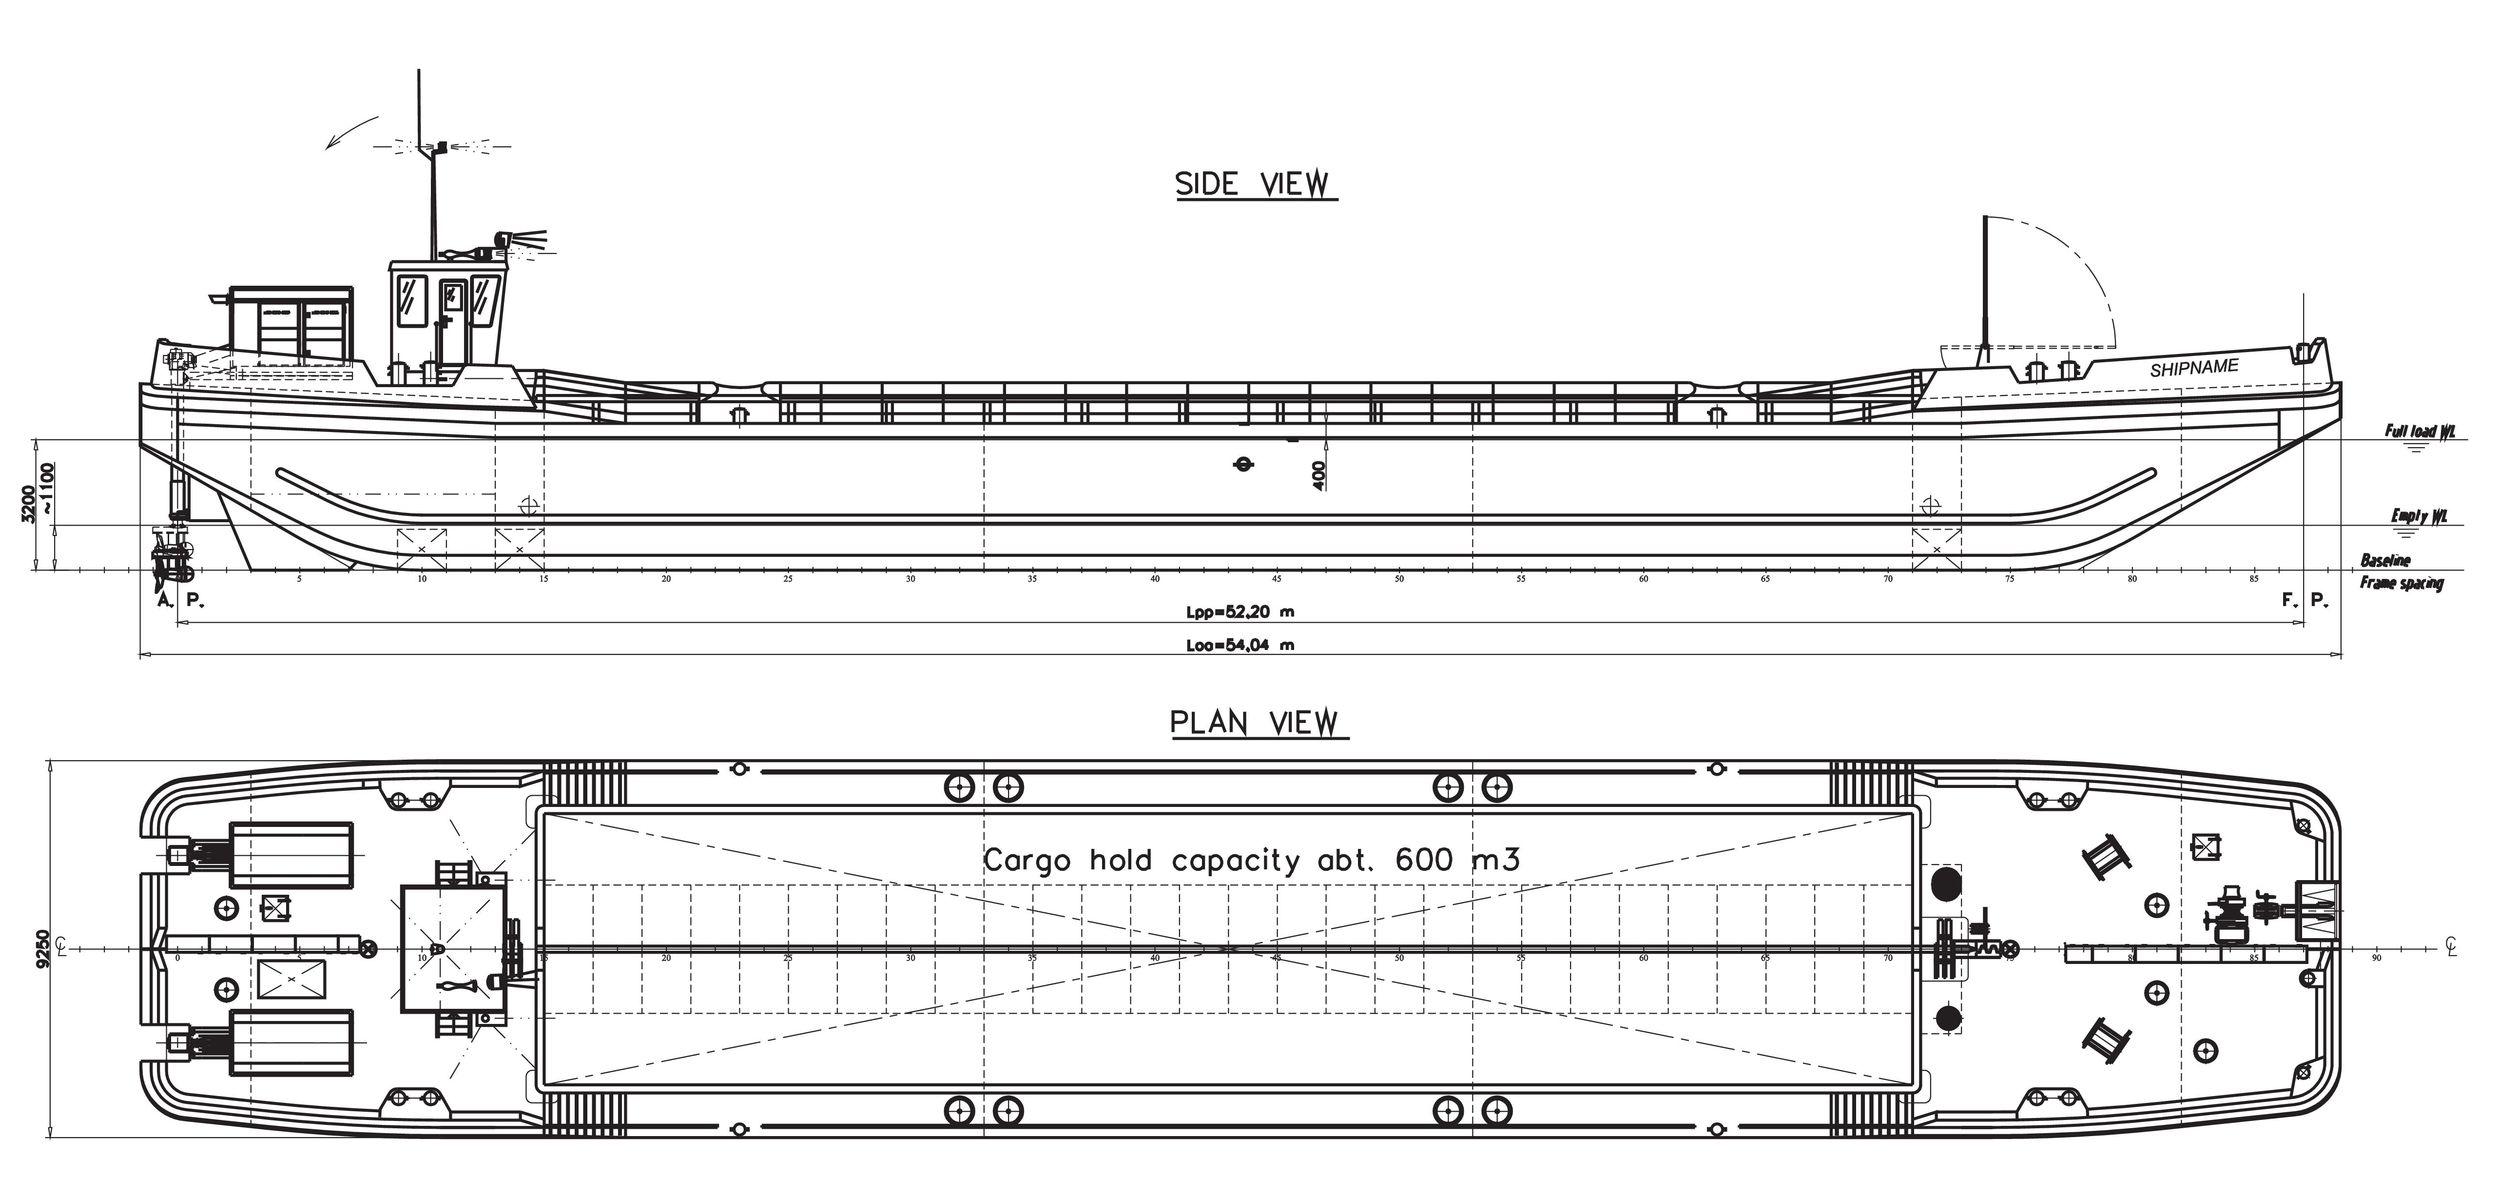 Split hopper barge 600m3önjáró_GDV-0884-03 Általános elr Elrendezés1 (1)_1